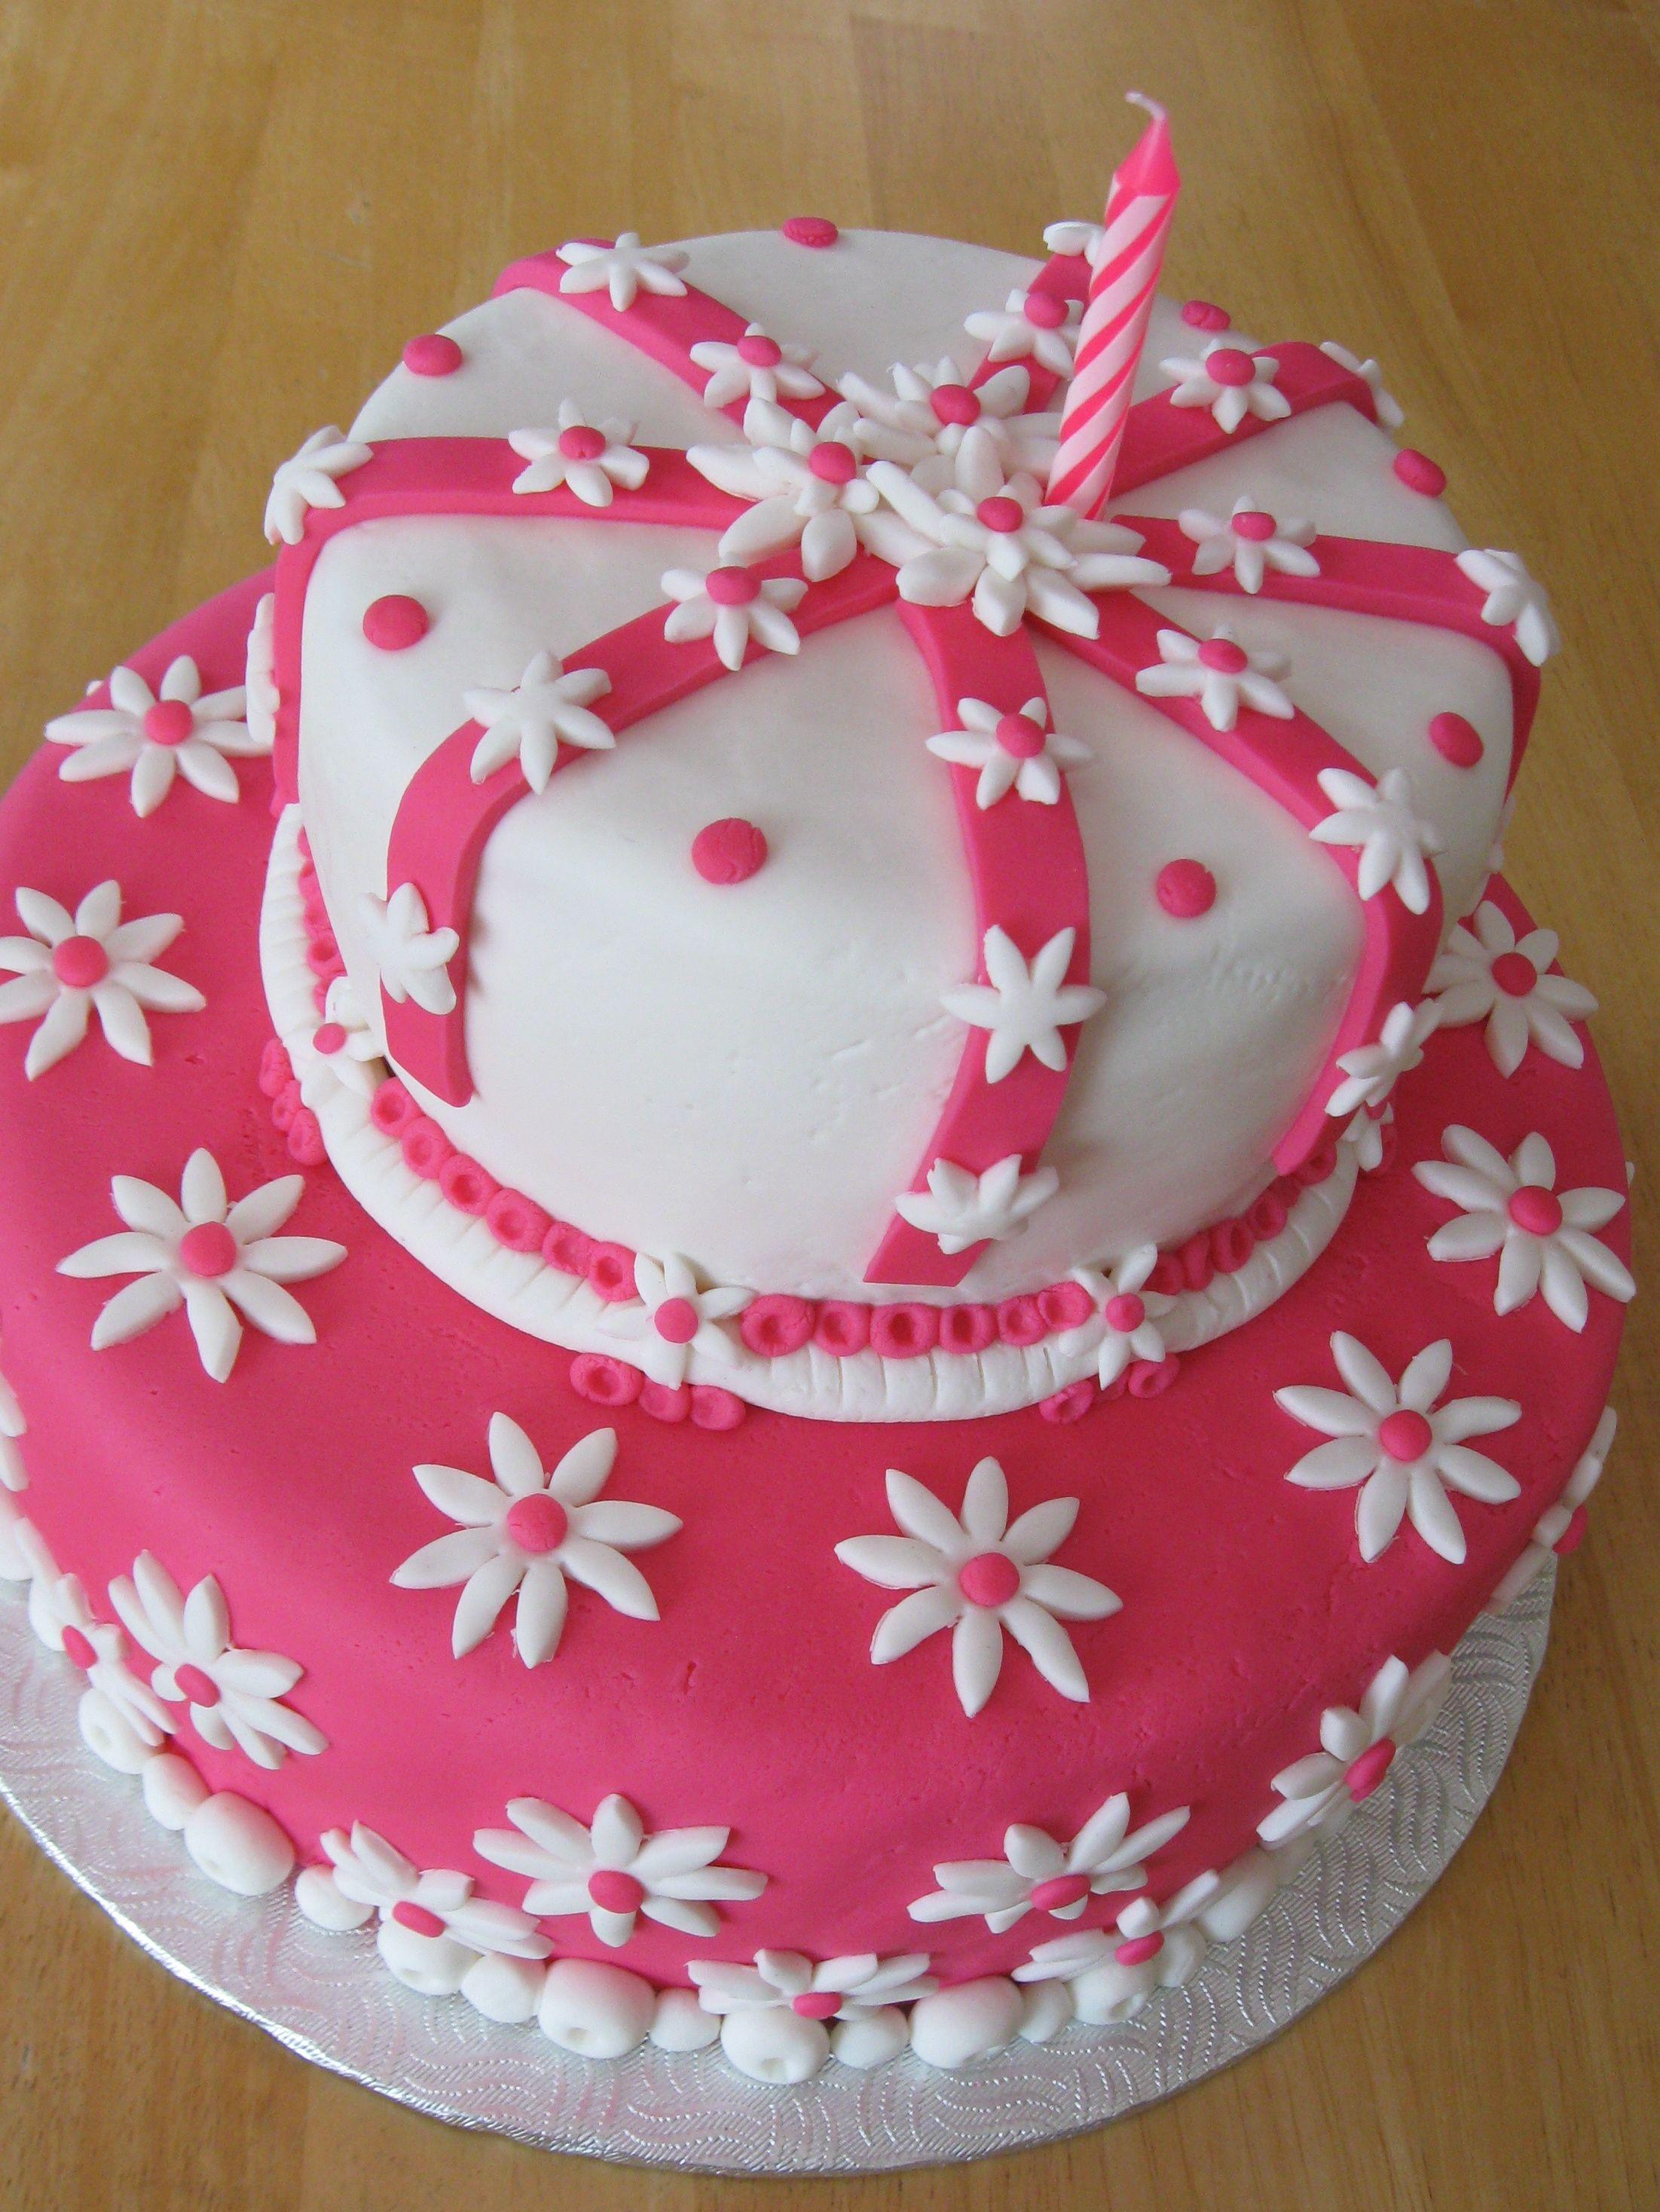 Pin mon premier rainbow cake deco chantilly windows color dessine moi un cake on pinterest for Comgateau d anniversaire fille original